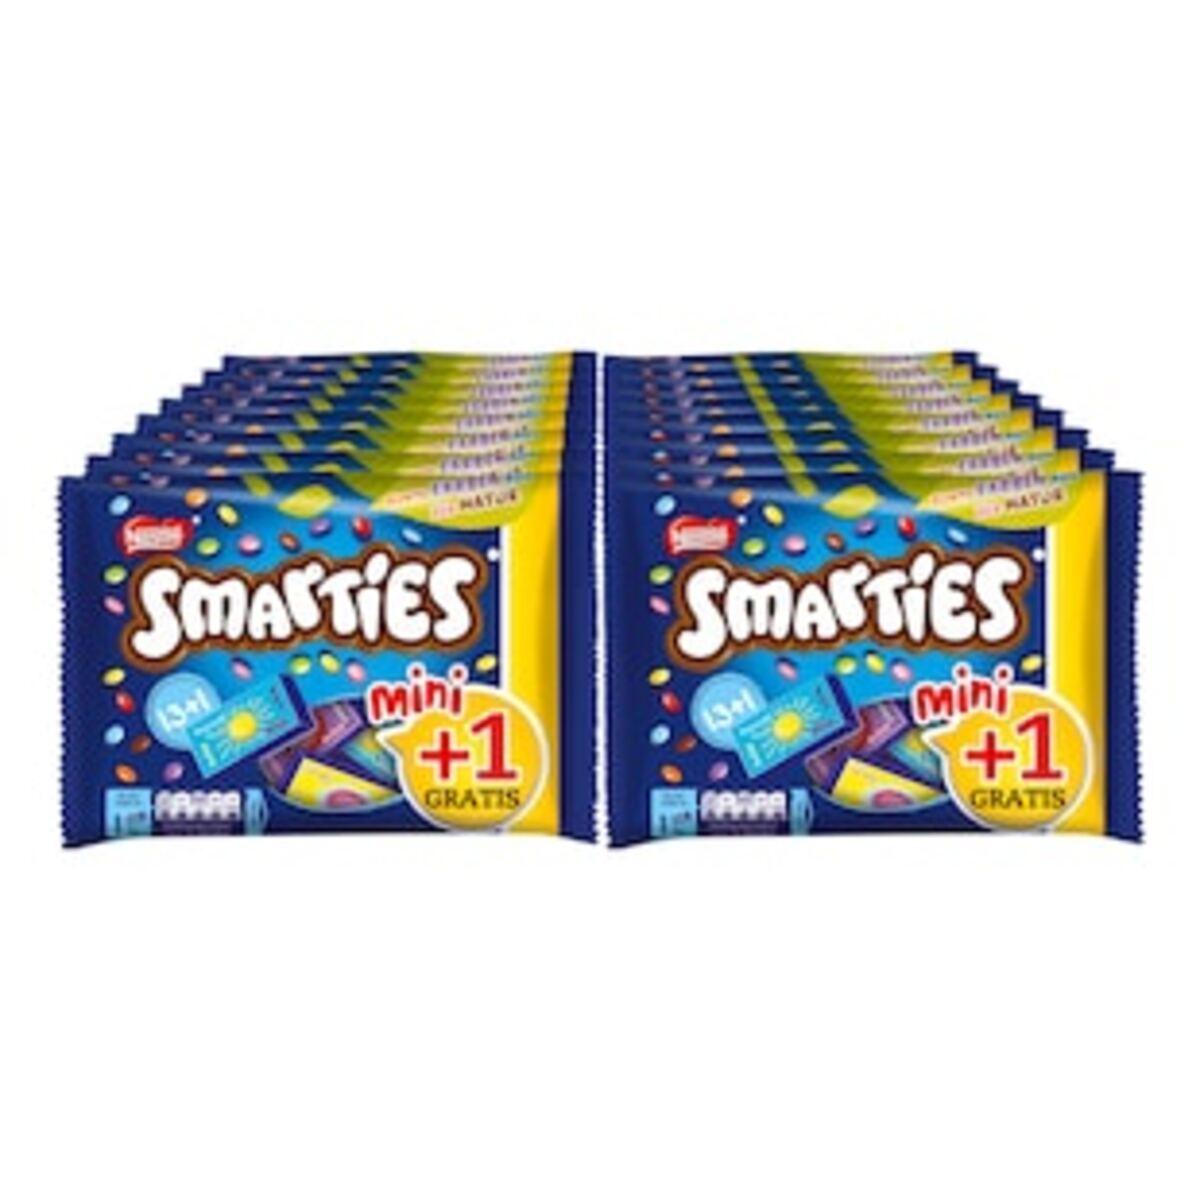 Bild 2 von Smarties Mini + 1, 201g, 16er Pack